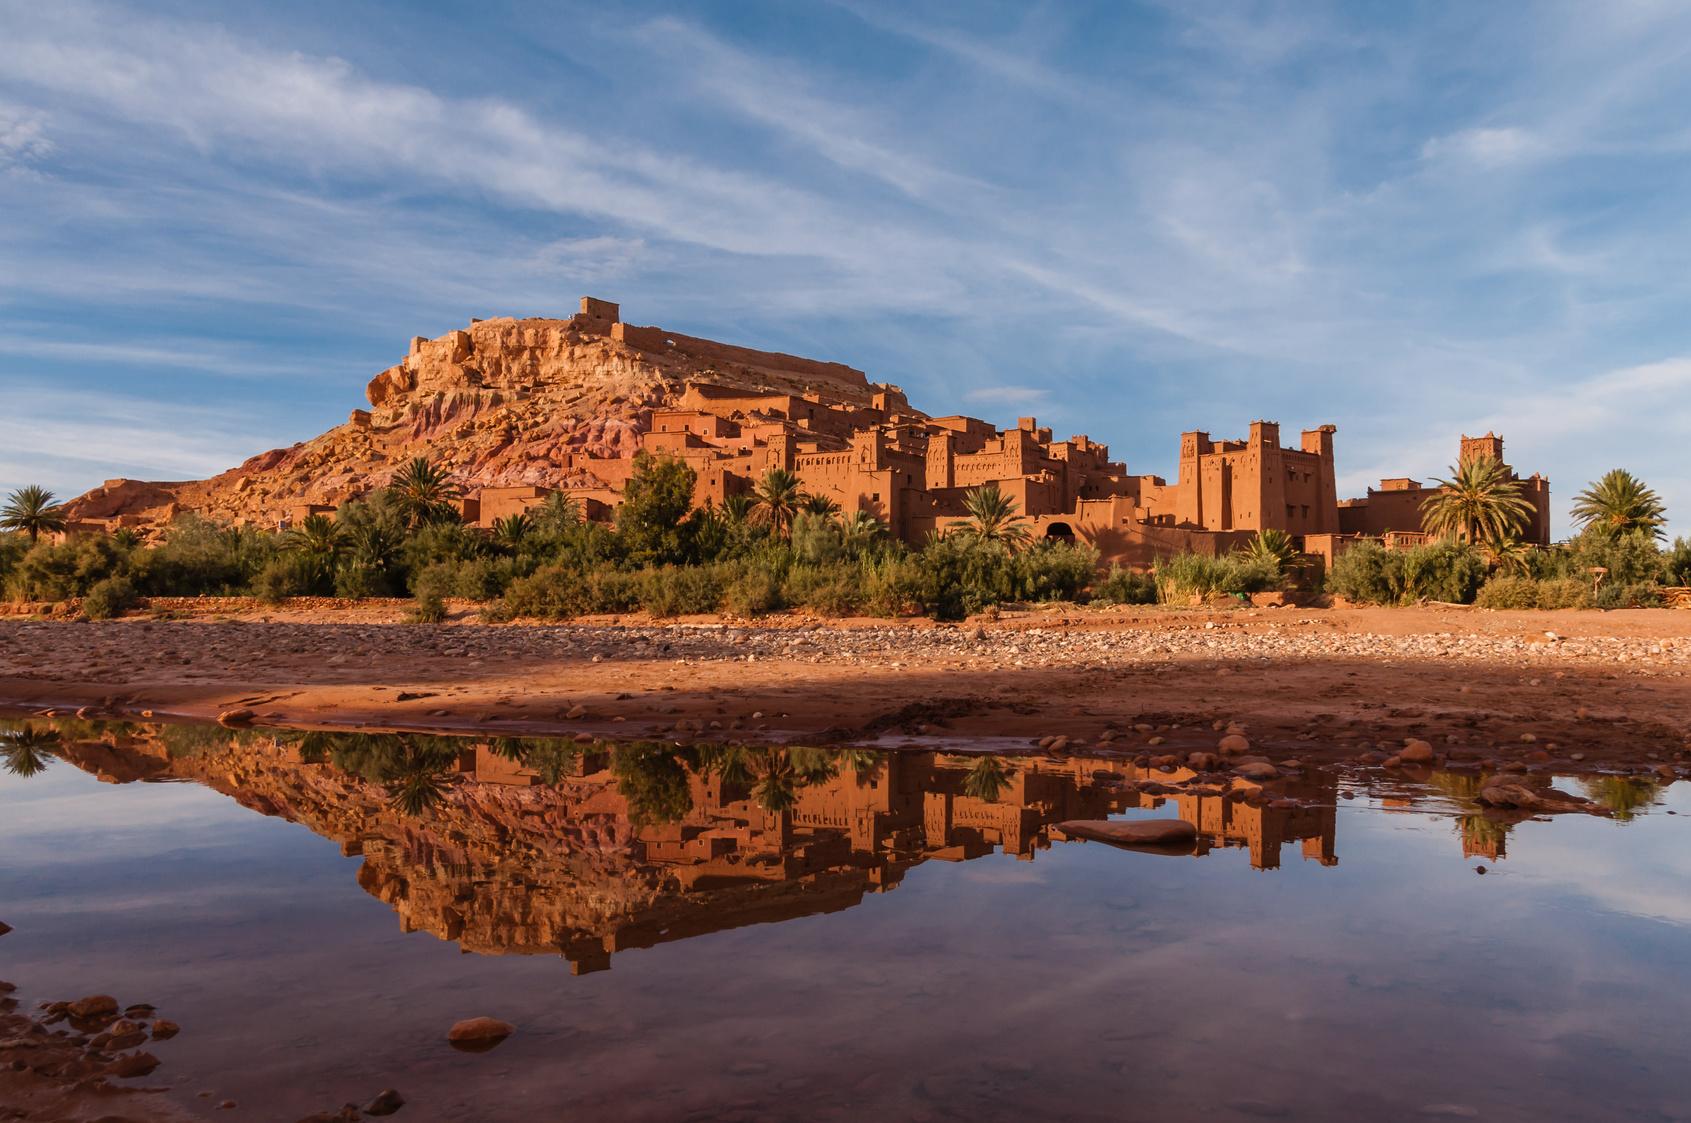 Ait Ben Haddou, Marokko Urlaub